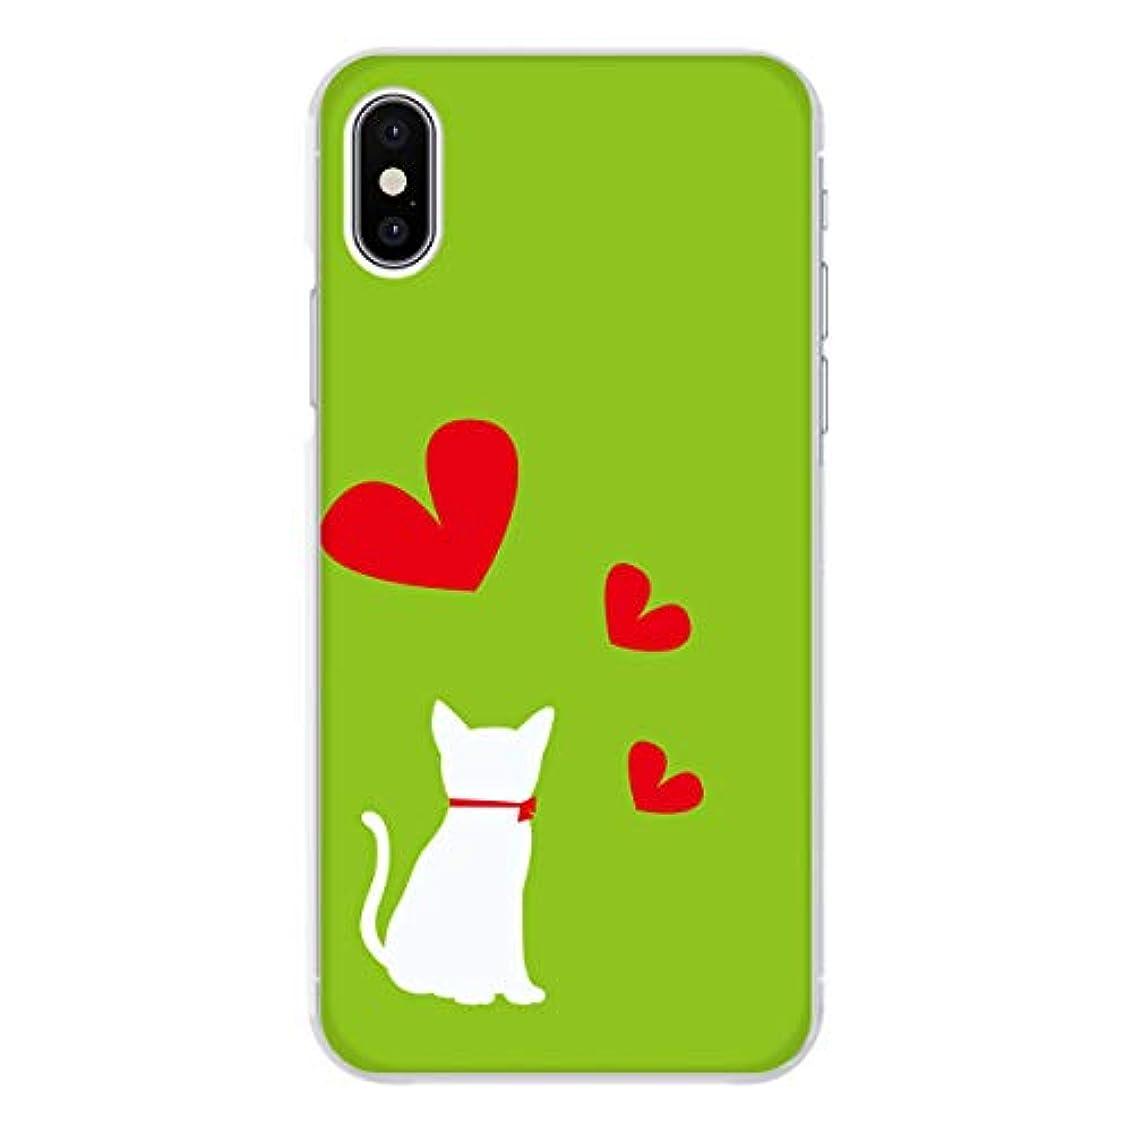 四半期エゴイズムバインドXperia Z4 SO-03G クリア ケース 薄型 スマホケース スマホカバー sc515(D) 猫 ねこ ネコ キャット ハート エクスペリア スマートフォン スマートホン 携帯 ケース エクスペリアZ4 ハード プラ ポリカボネイト スマフォ カバー